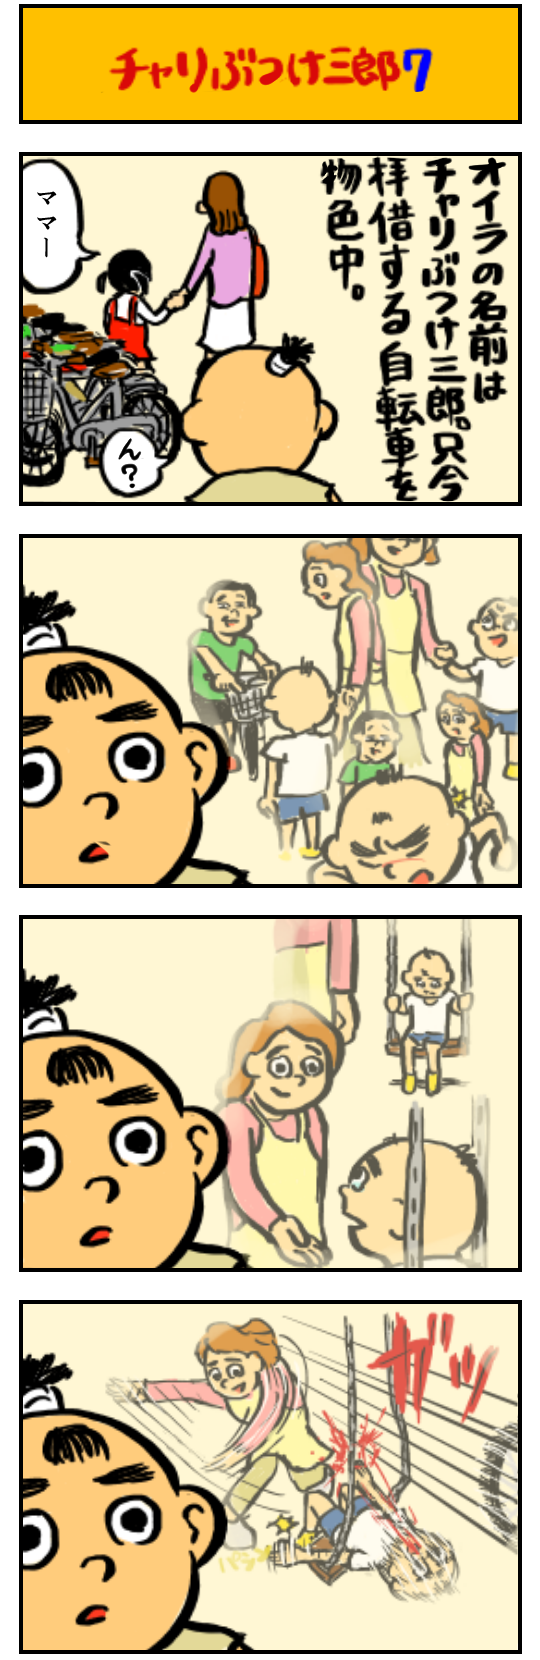 チャリぶつけ三郎7